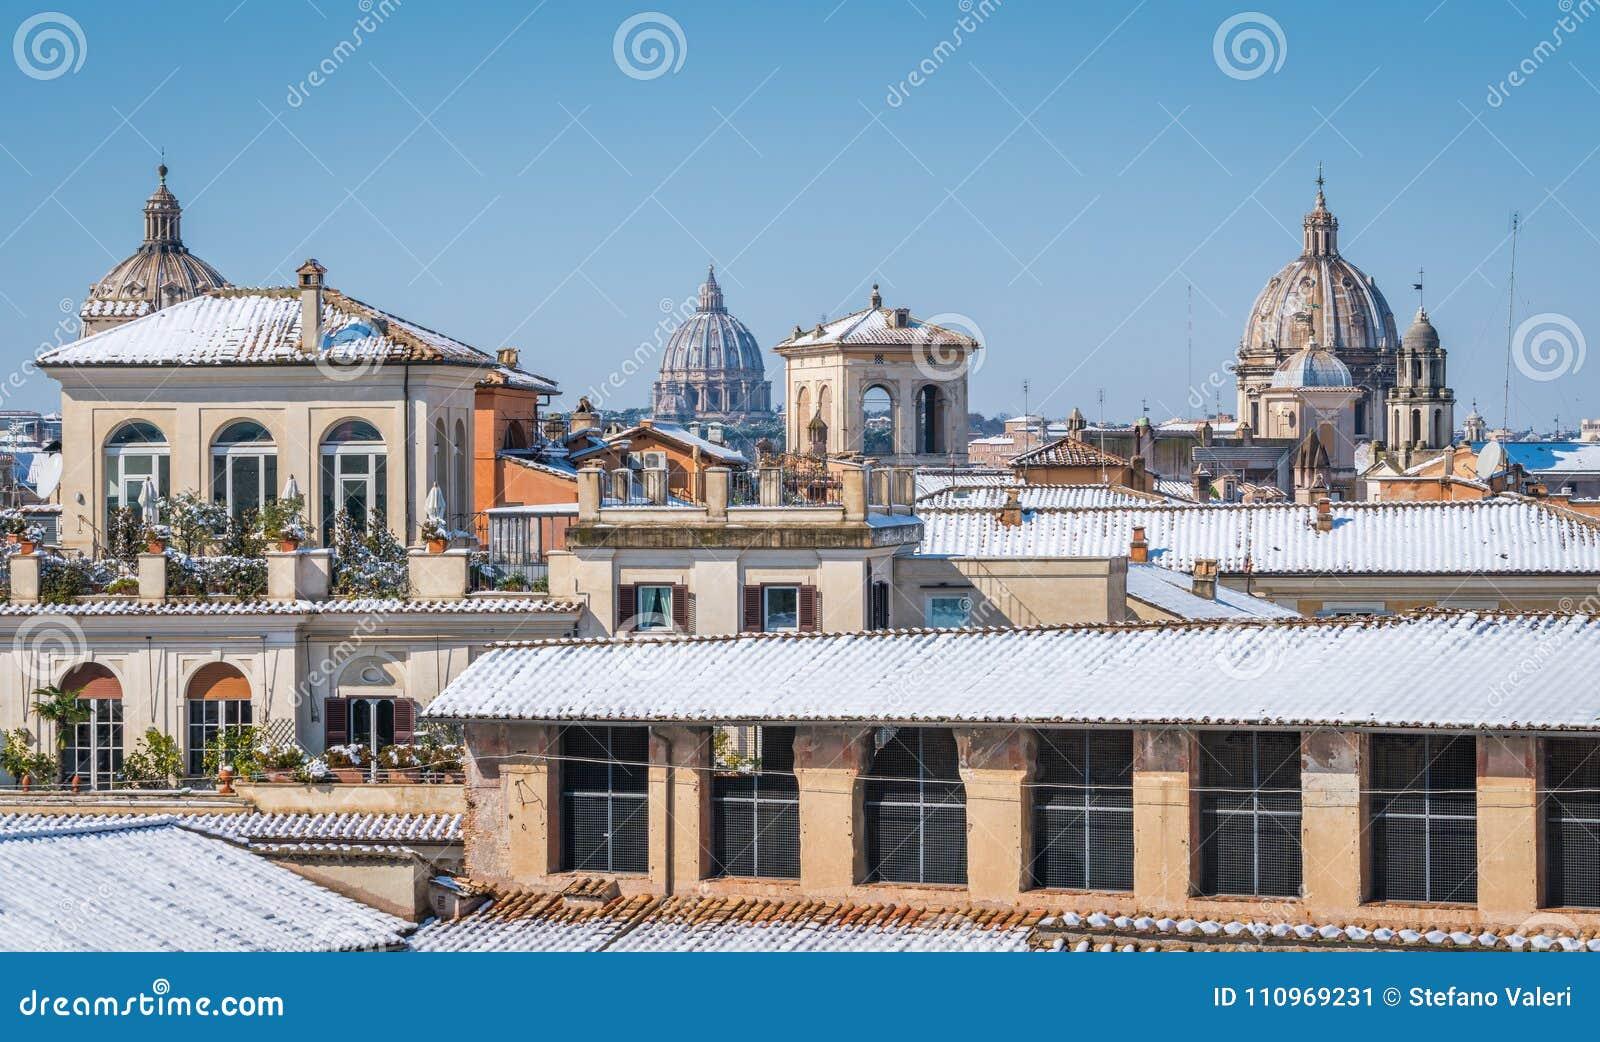 Nevica A Roma Nel Febbraio 2018 La Vista Panoramica Dei